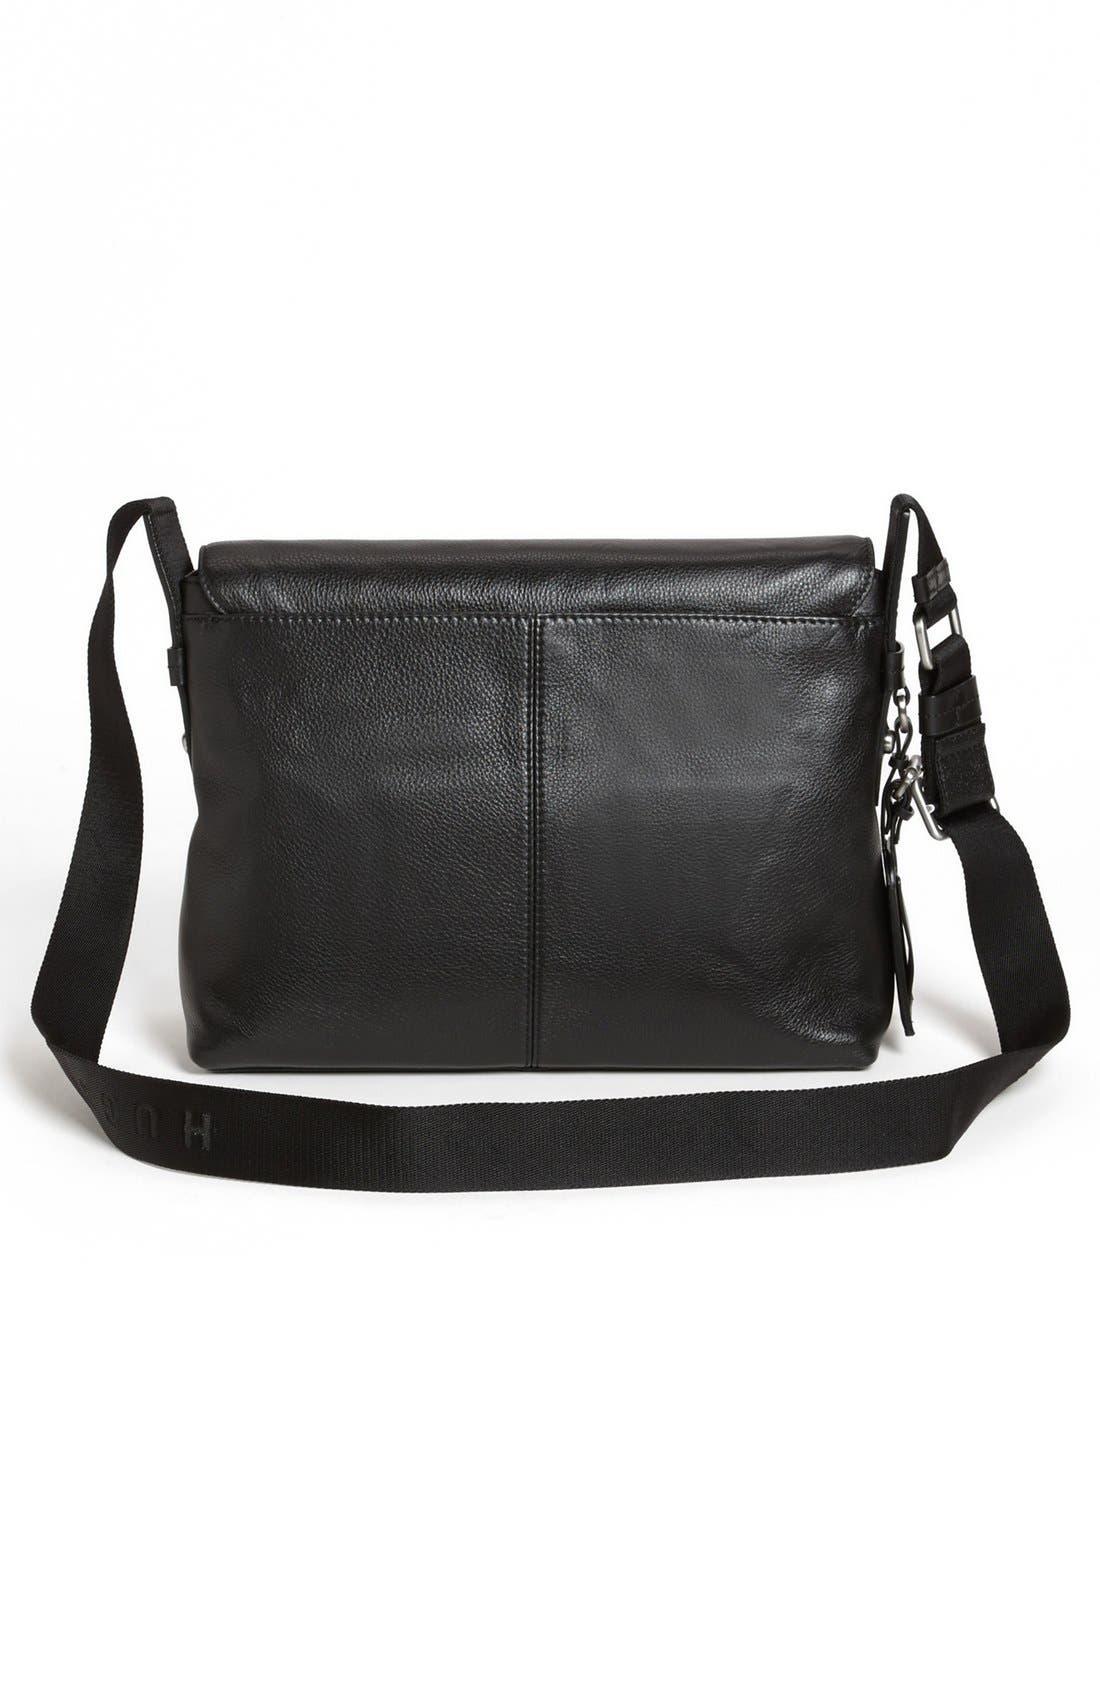 HUGO BOSS 'Barter' Leather Messenger Bag,                             Alternate thumbnail 2, color,                             001